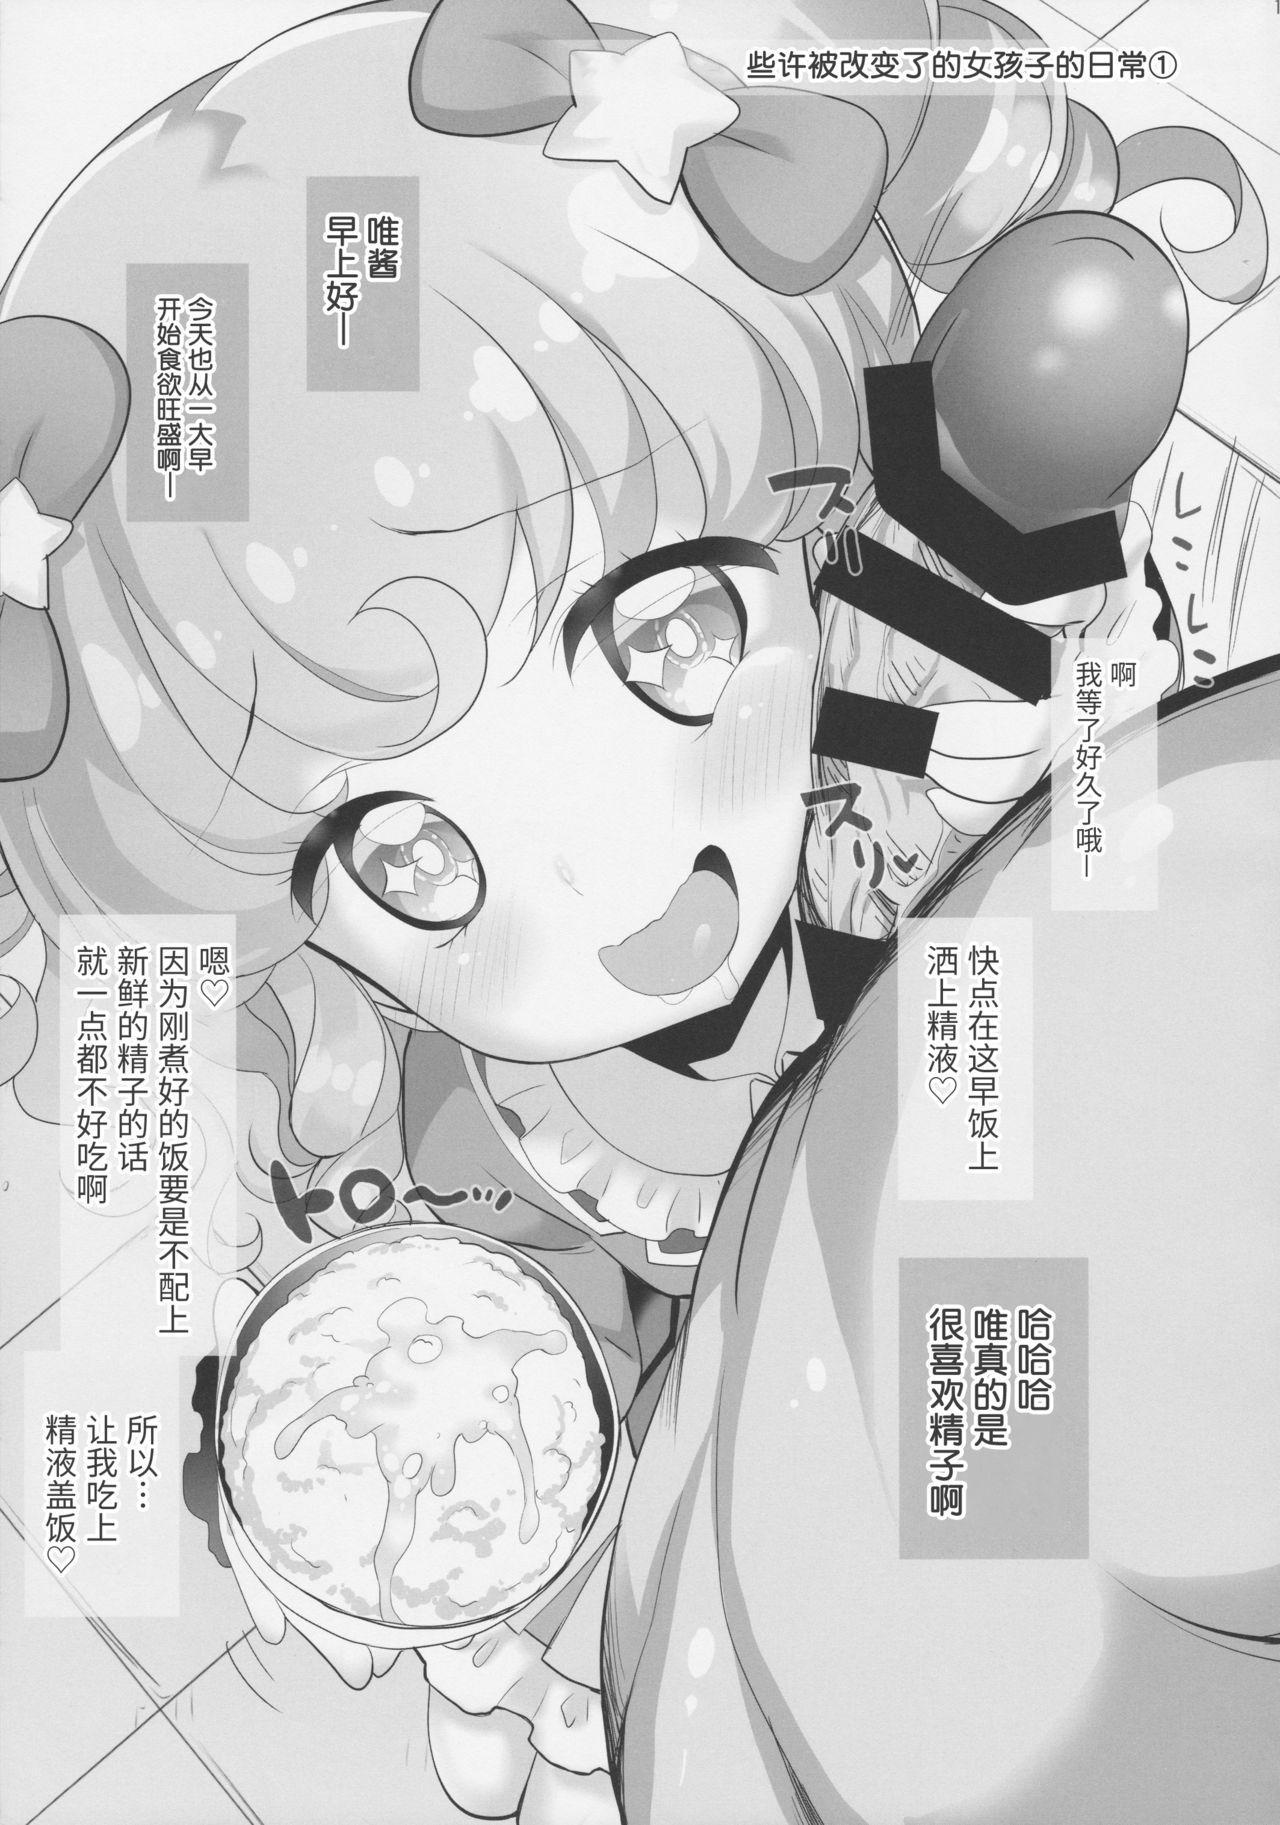 System desu kara Idol Time 13